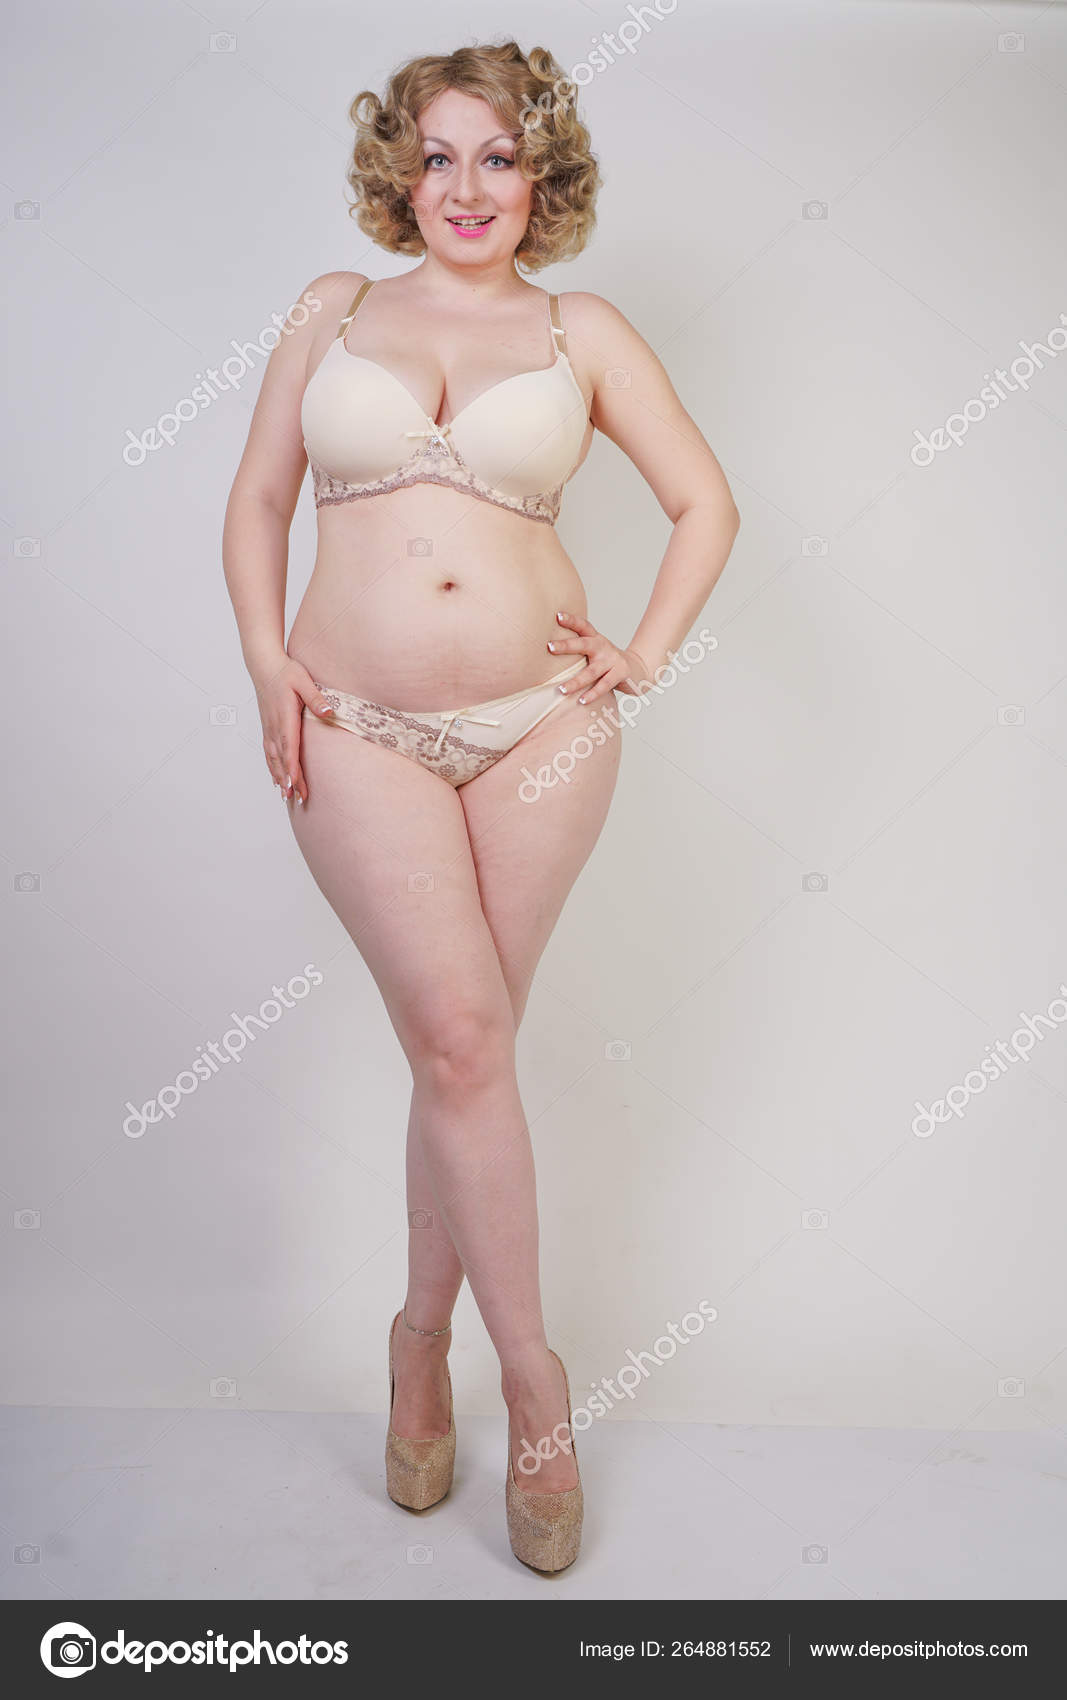 Chubby Panties Jpg